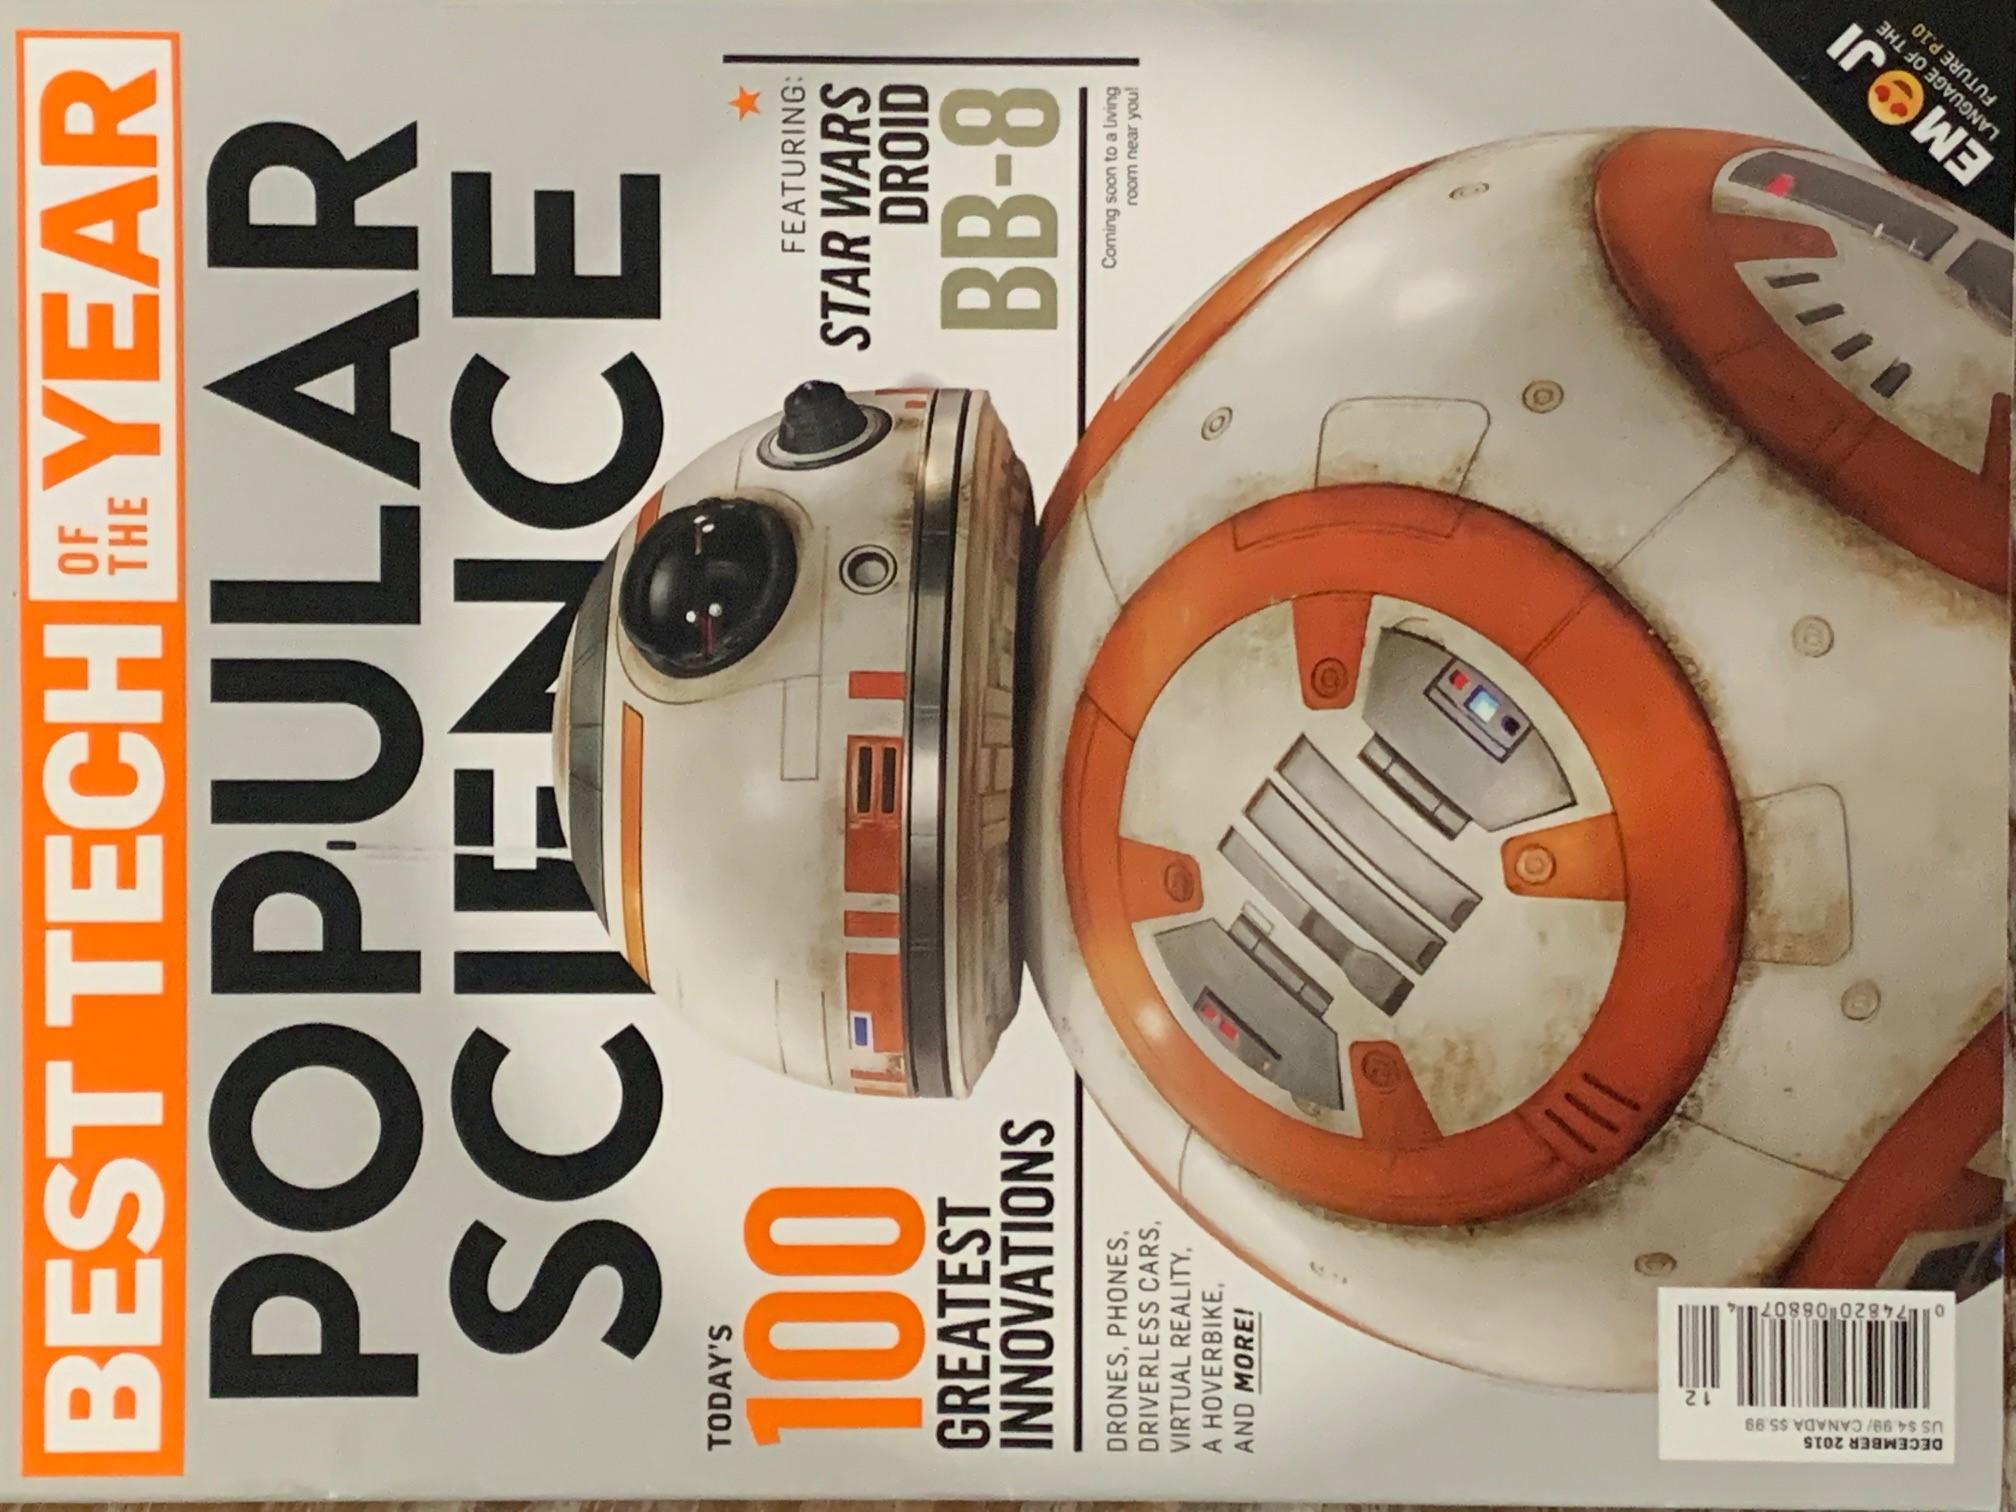 Popular Science Vol 287 No. 6